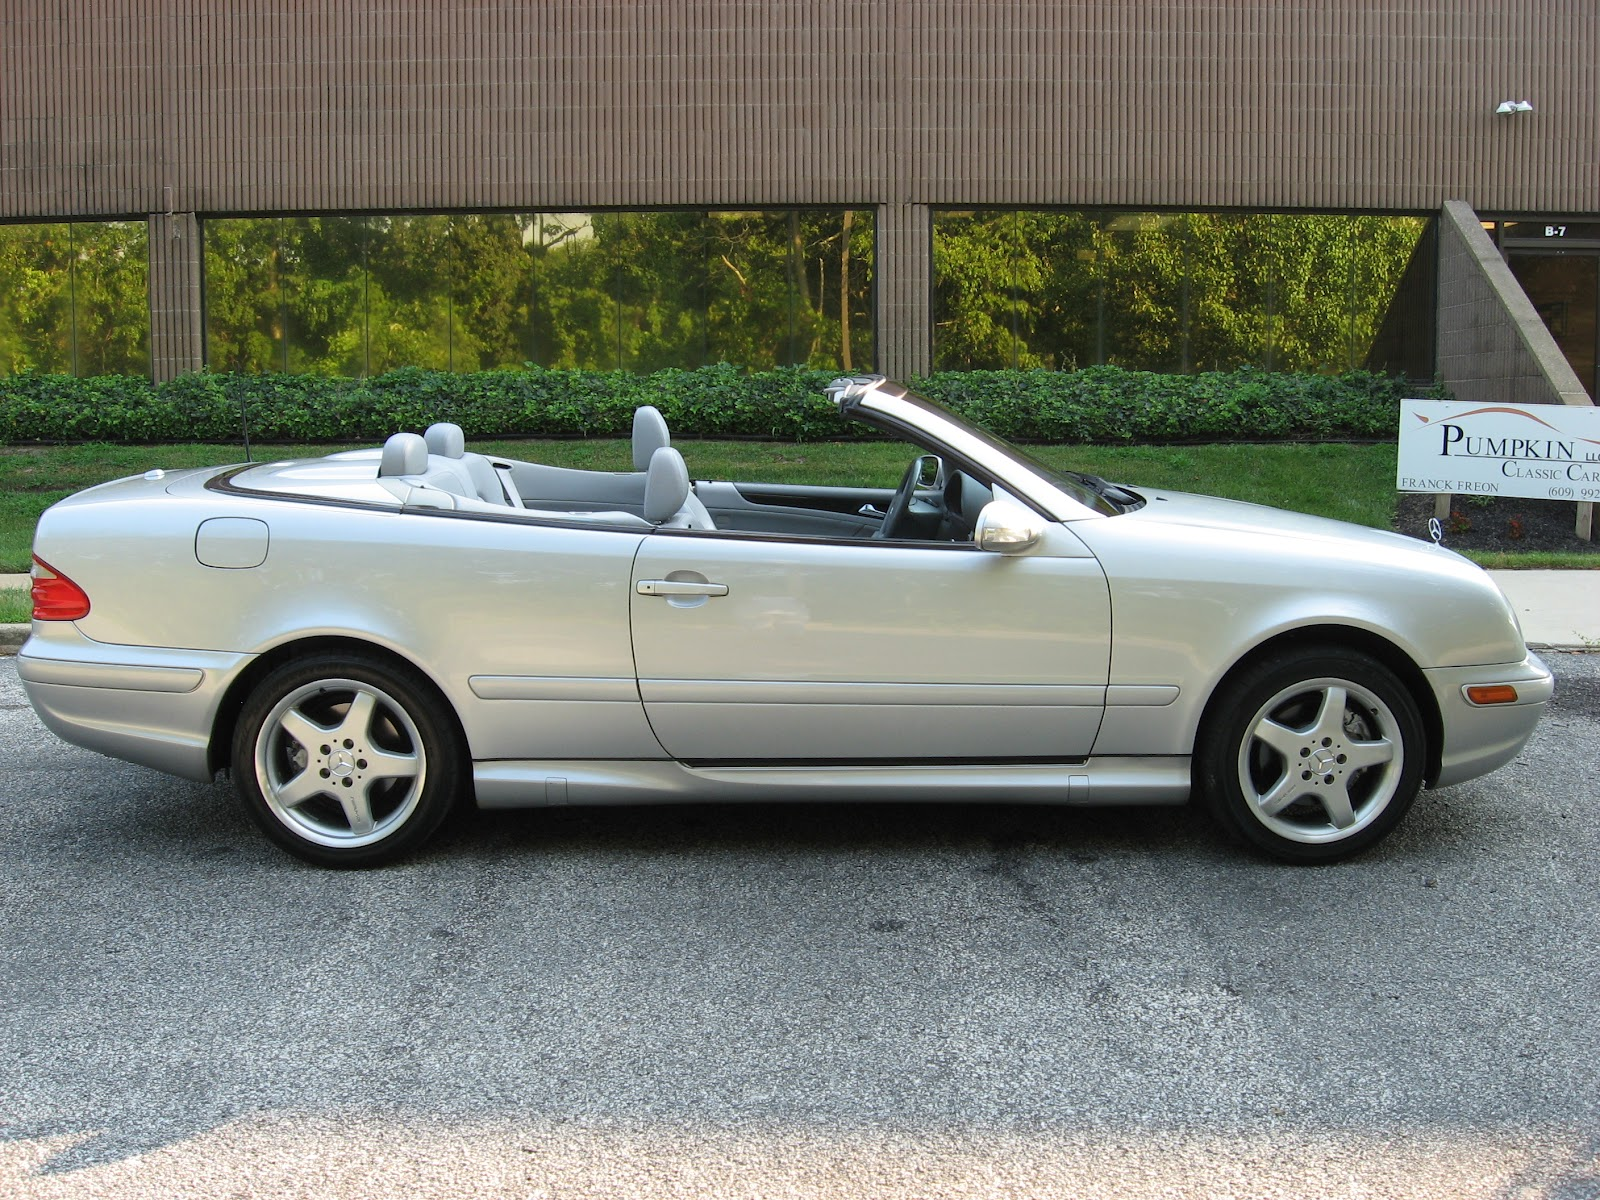 2002 Mercedes Benz Clk430 Cabriolet